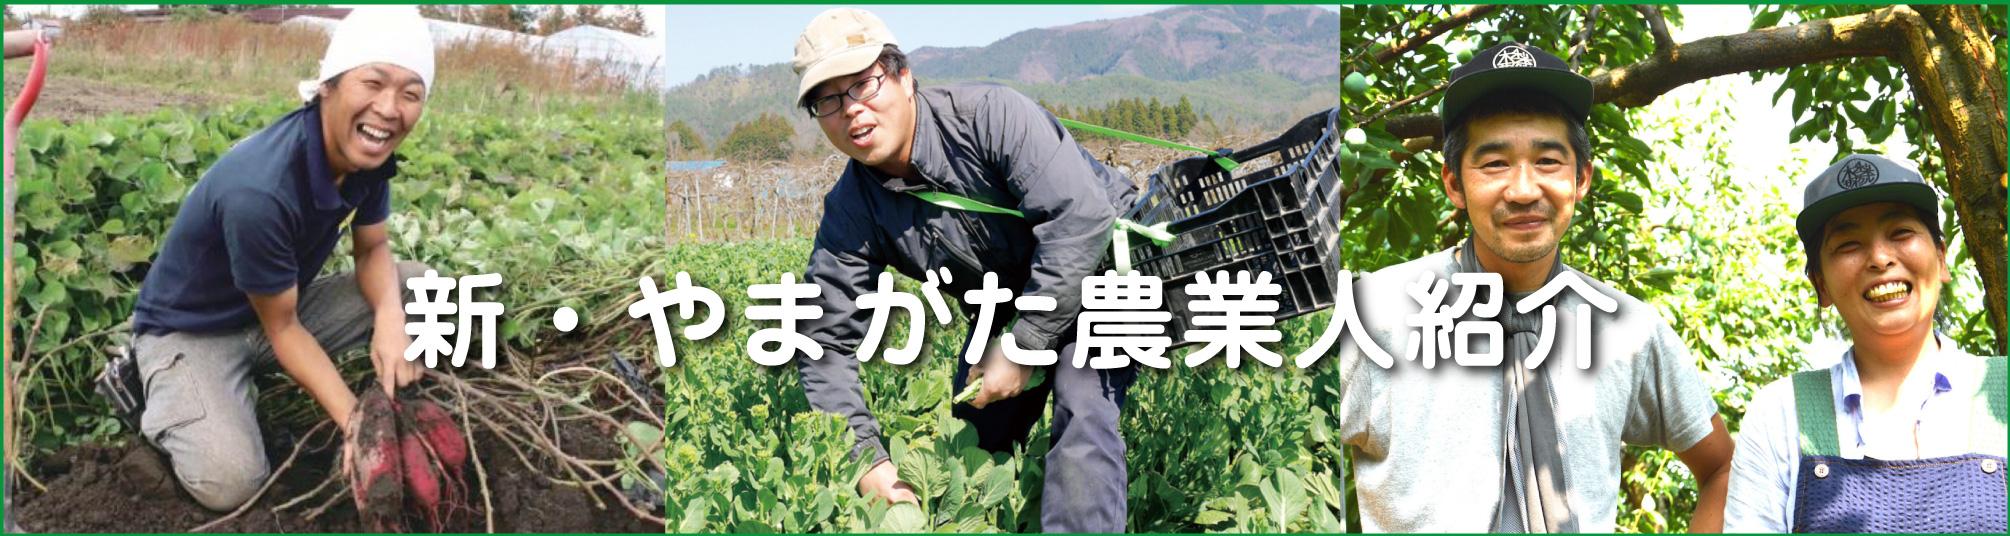 「新・やまがた農業人」紹介